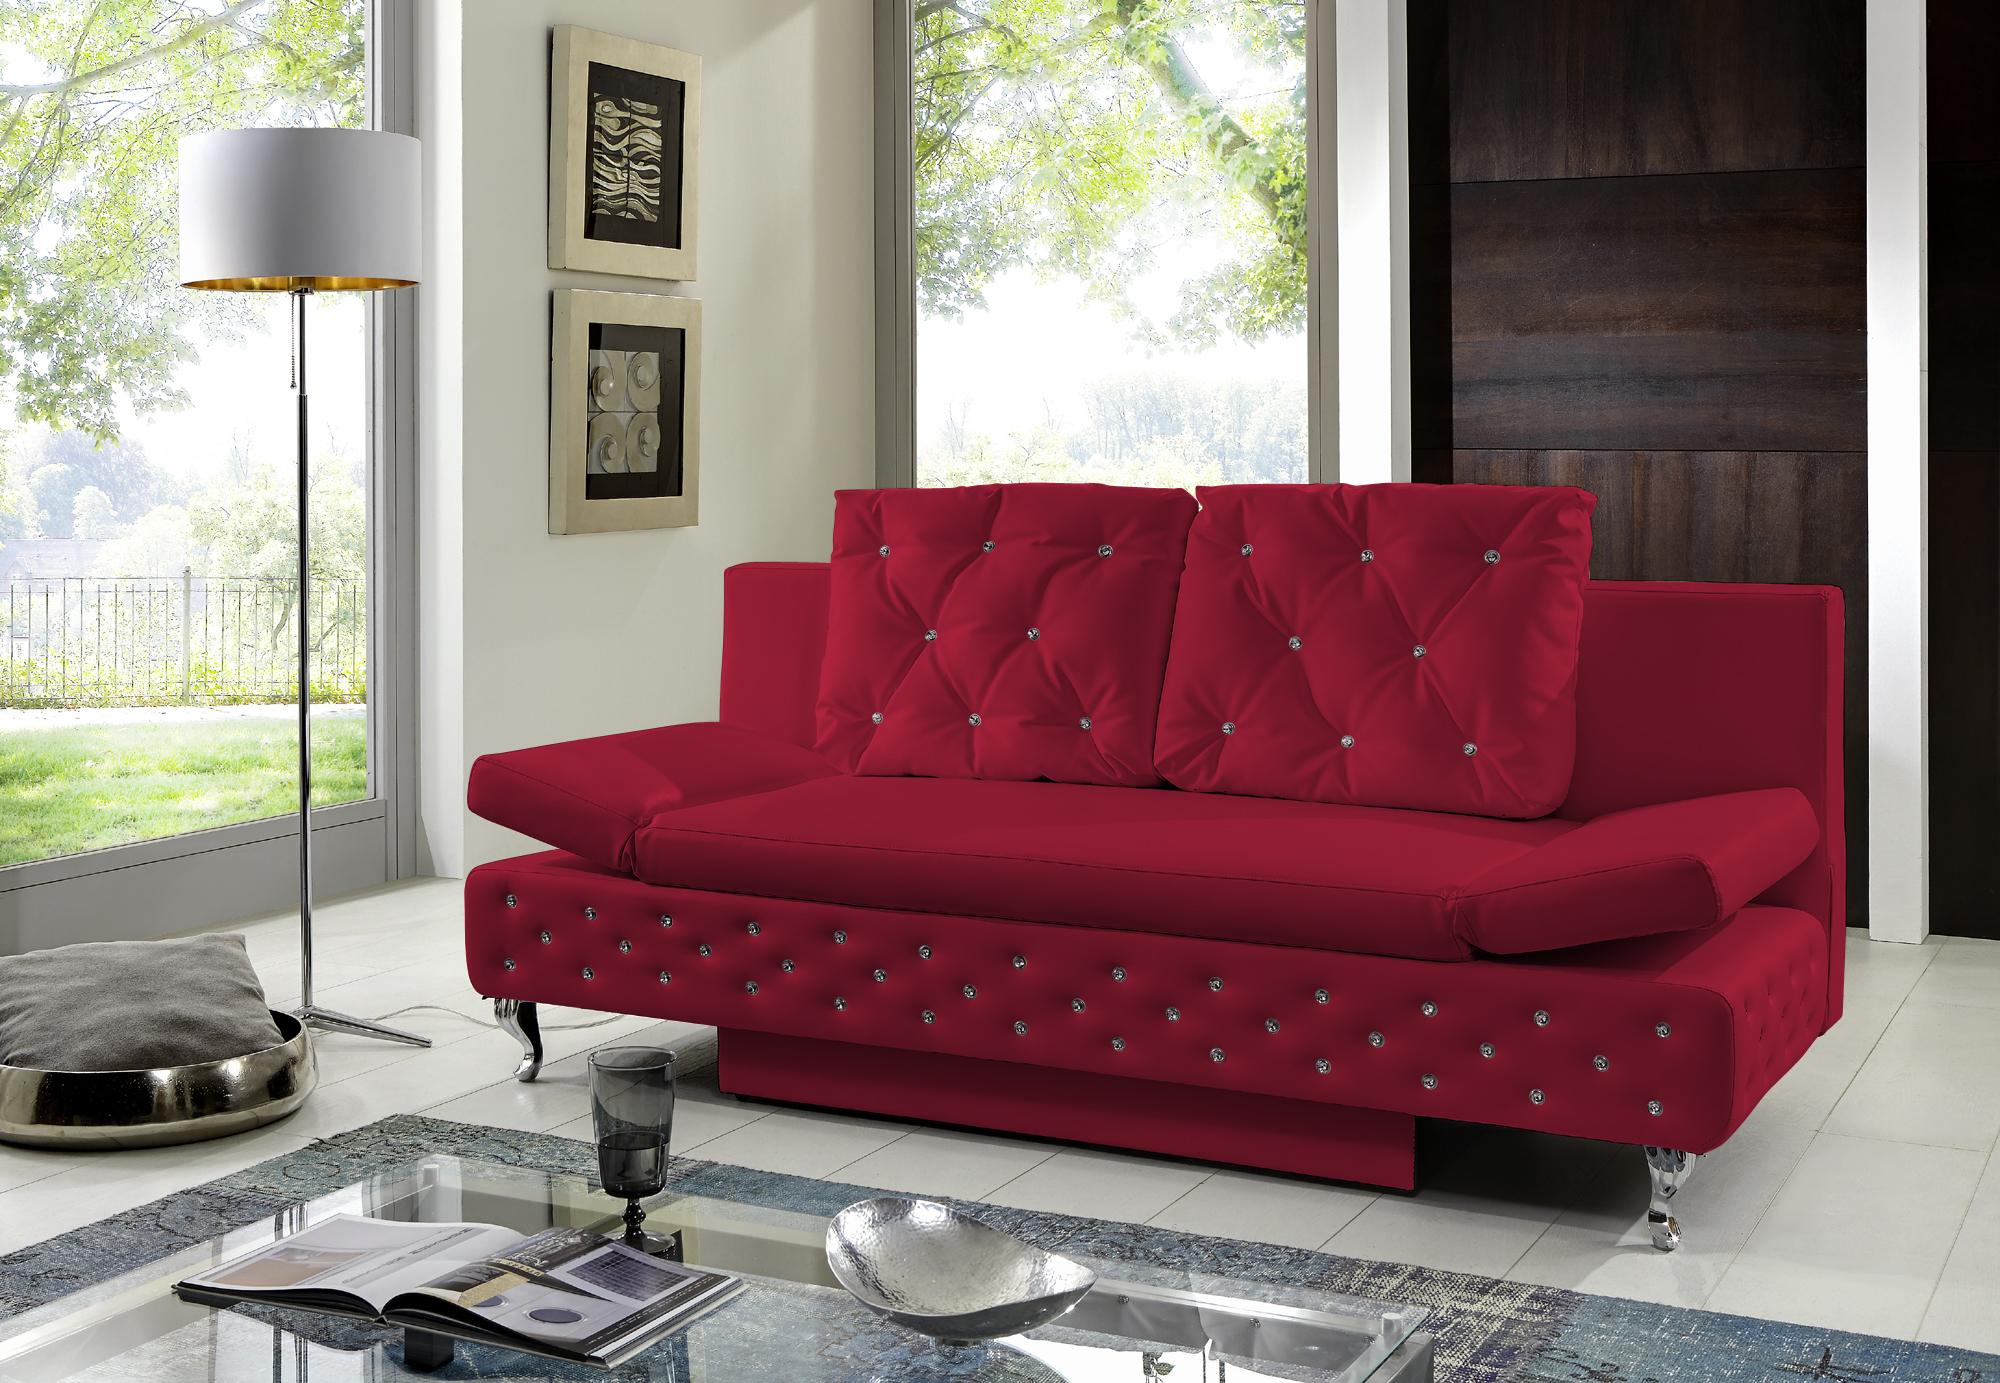 Schlafsofa rot  Ecksofa Rot Microfaser ~ Schöne sofas für ihr wohnzimmer finden ...